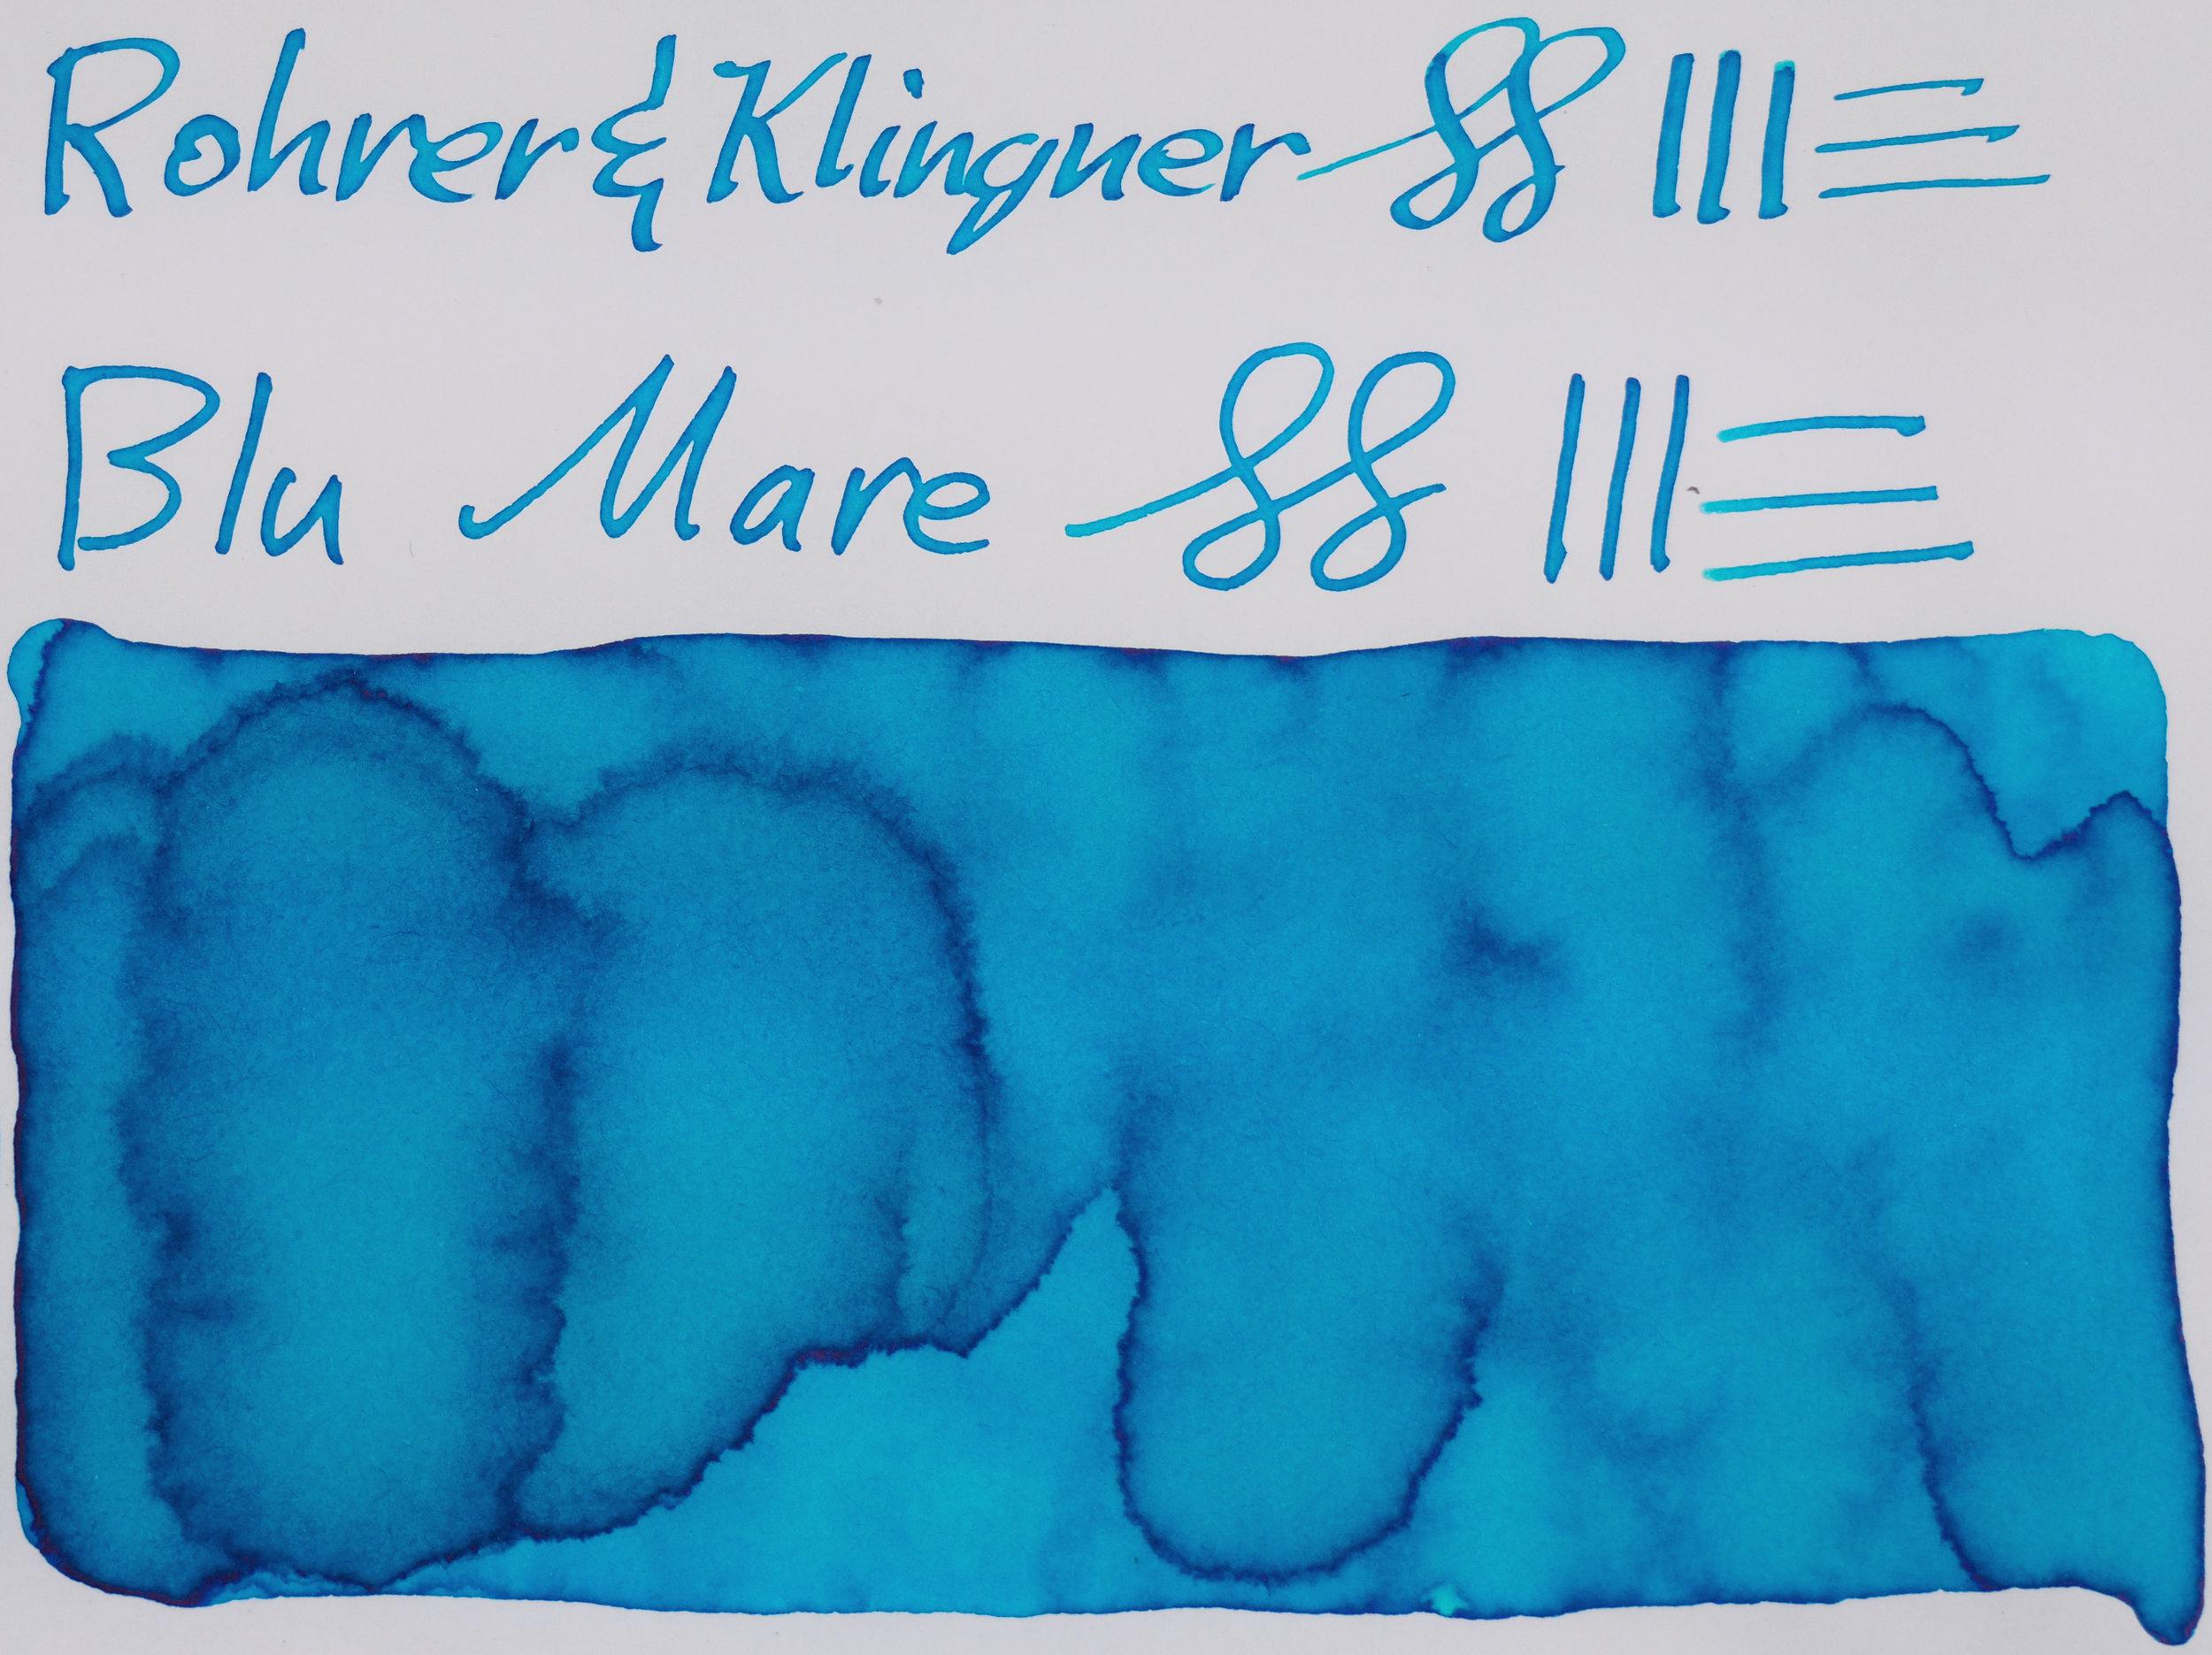 Tomoe River R&K Blu Mare.jpg